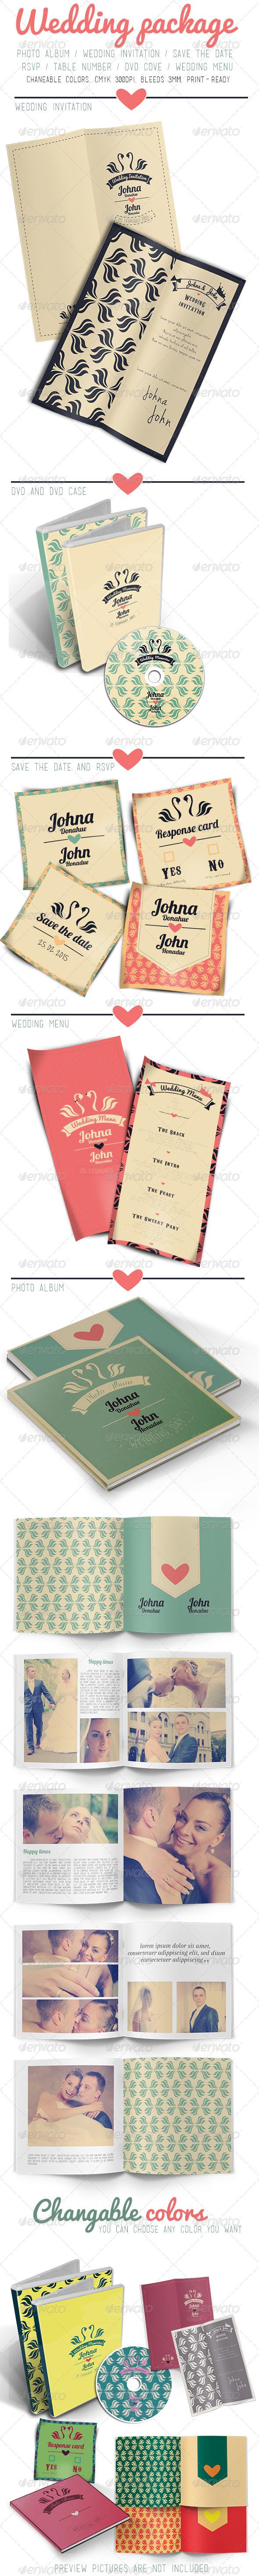 Wedding Package - Weddings Cards & Invites